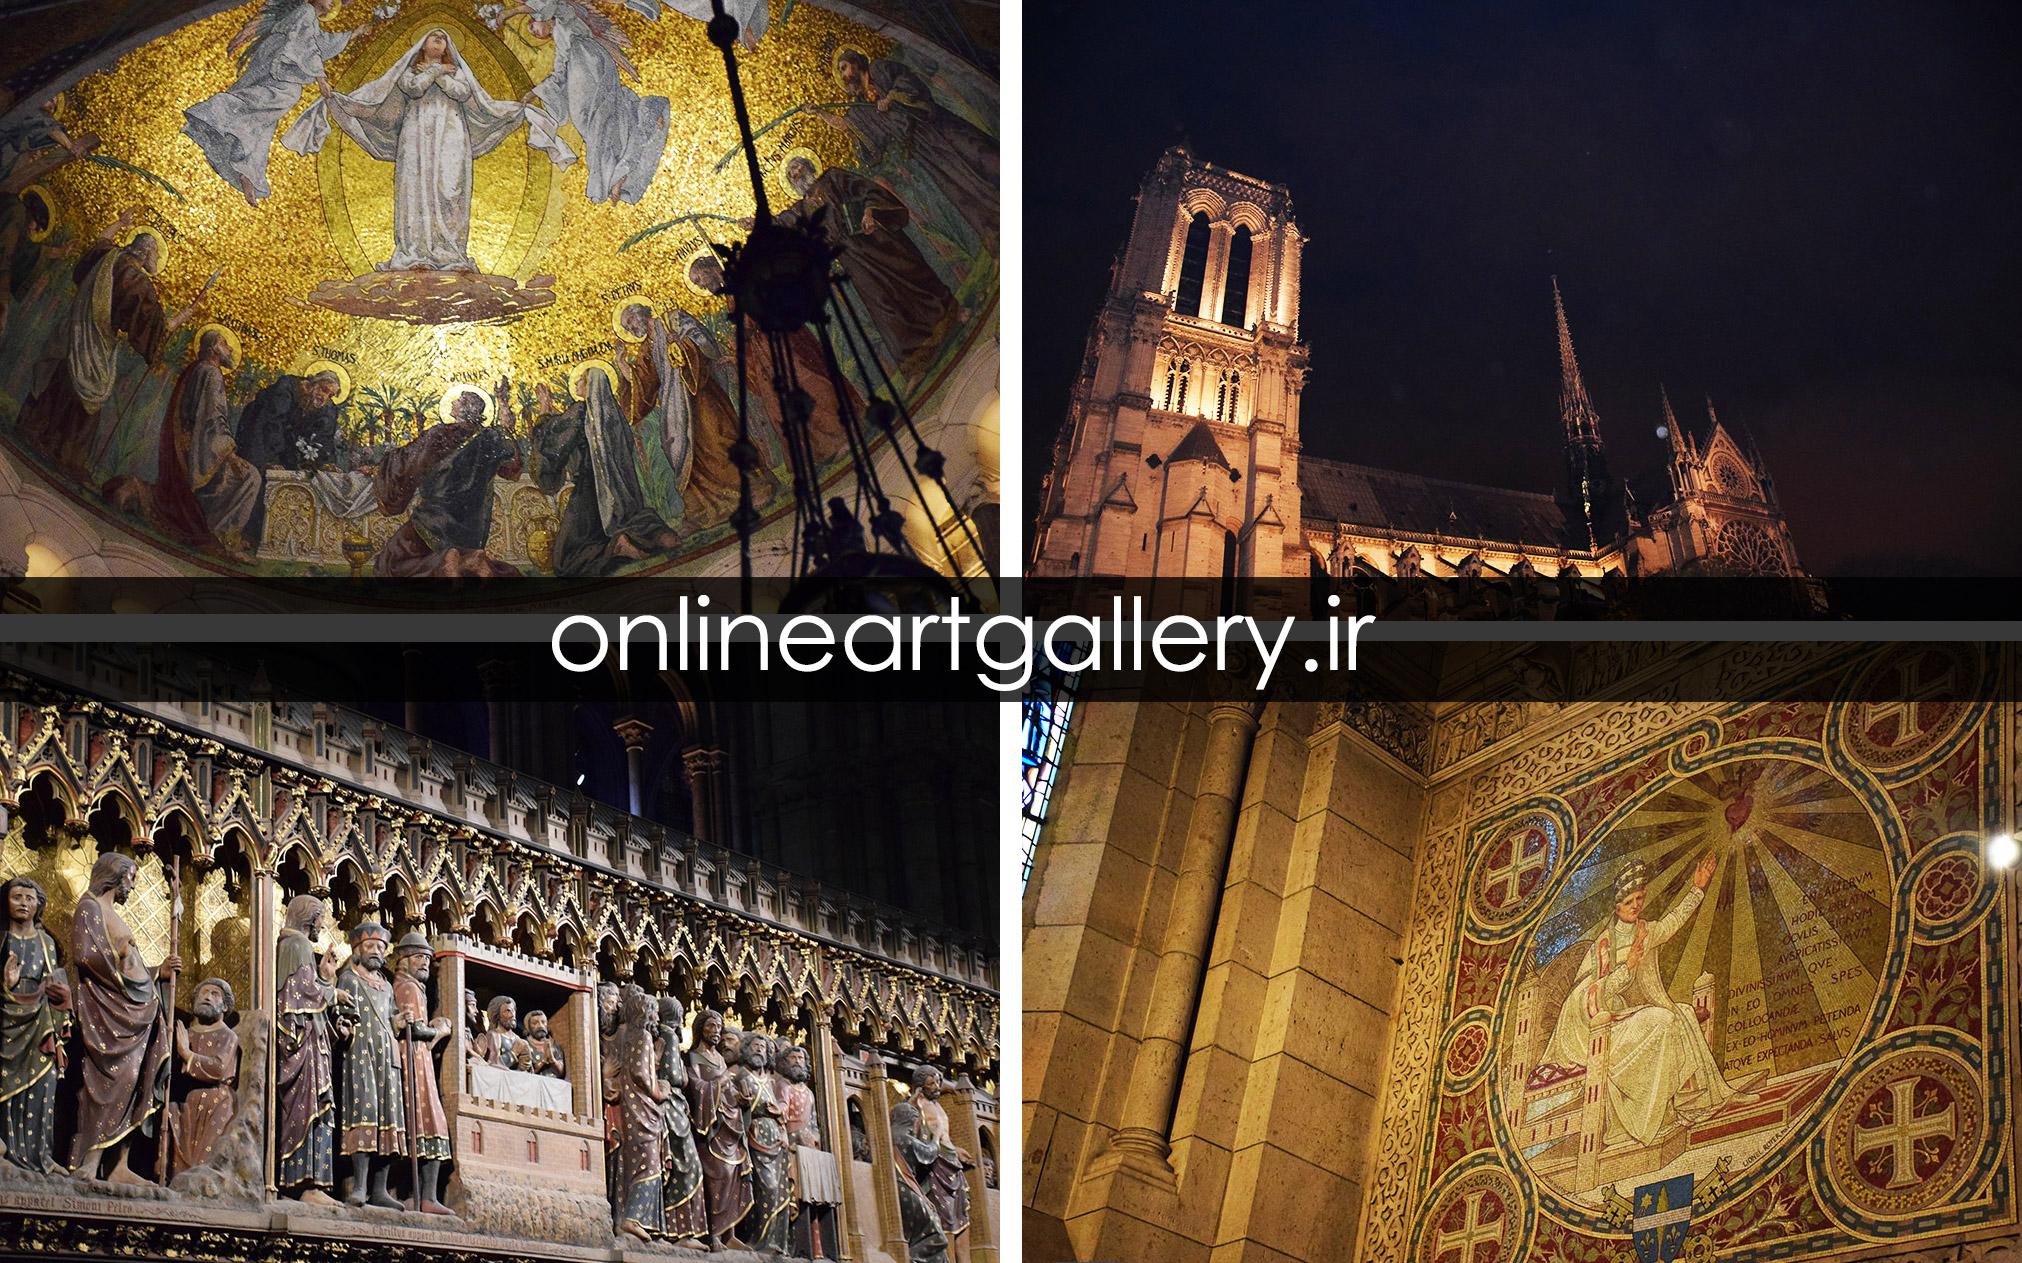 گزارش تصویری از آثار هنری و فضای داخلی کلیسای نوتردام پاریس (بخش اول)